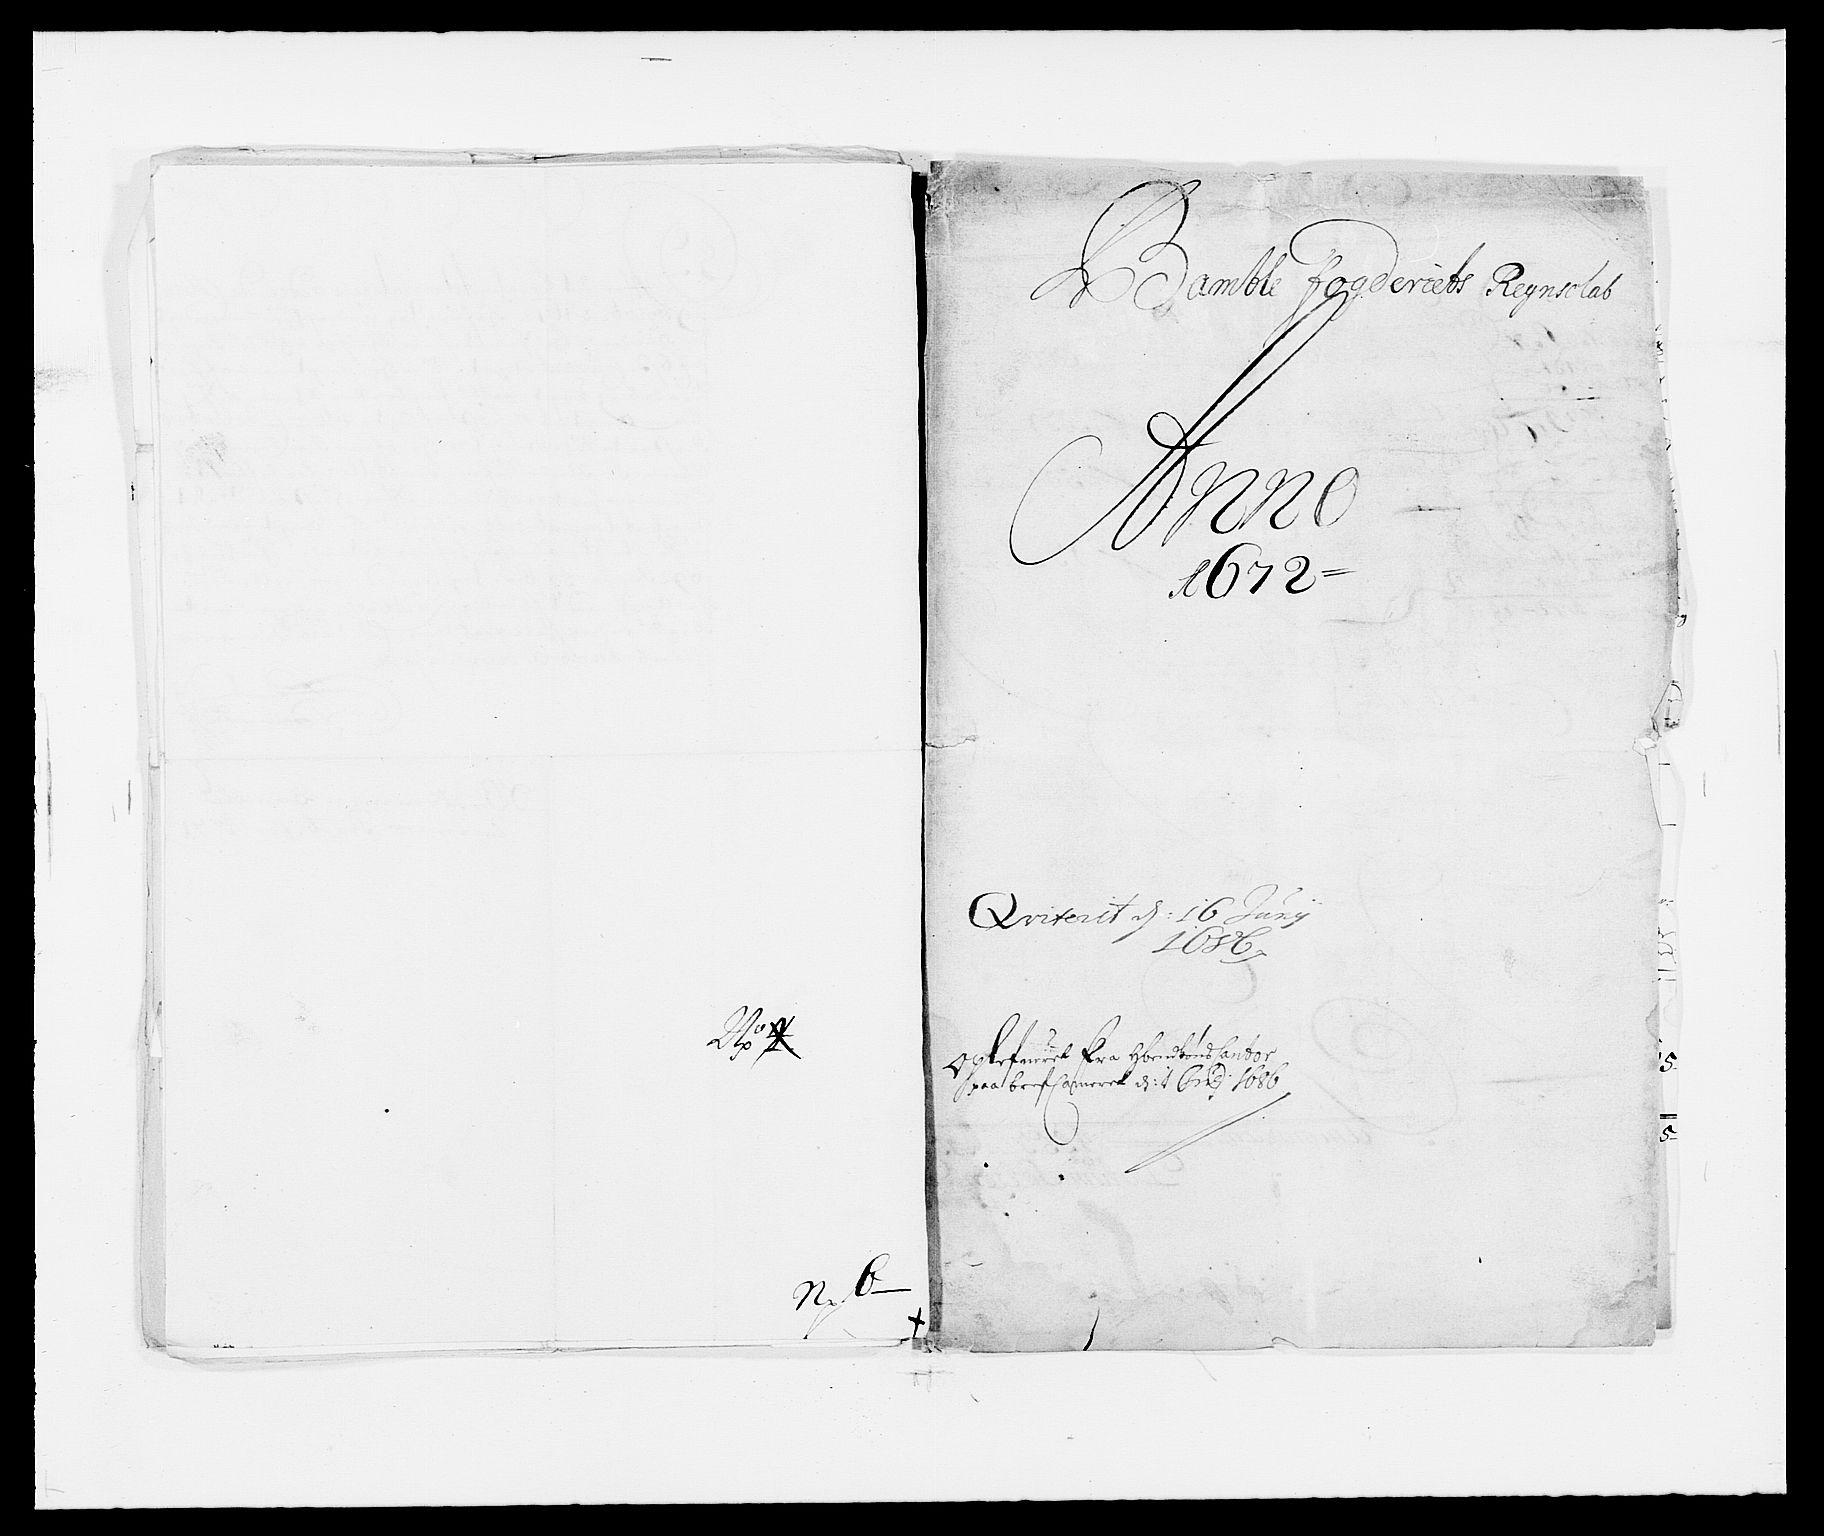 RA, Rentekammeret inntil 1814, Reviderte regnskaper, Fogderegnskap, R34/L2041: Fogderegnskap Bamble, 1670-1672, s. 254